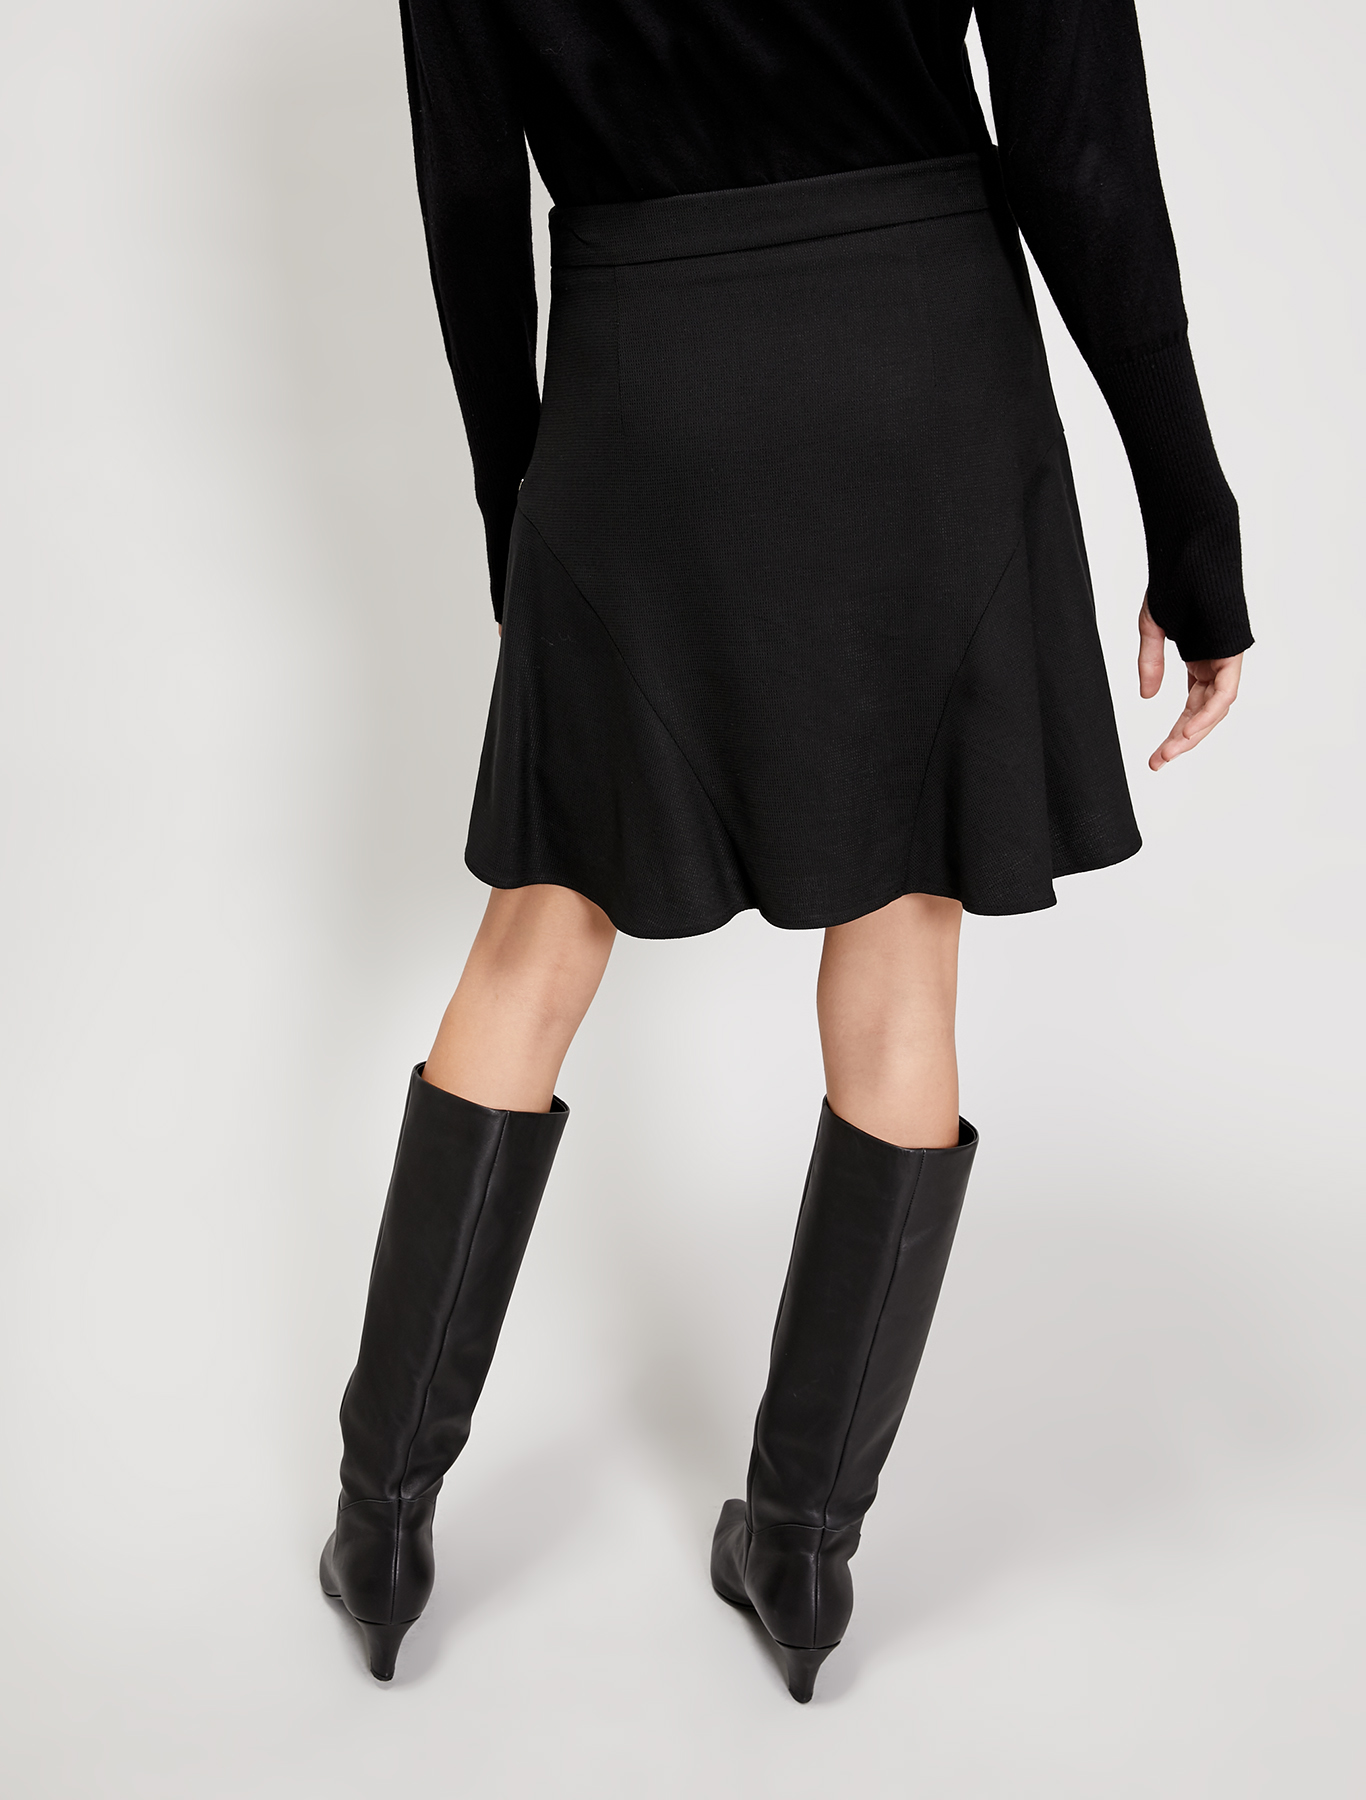 Godet skirt - black - pennyblack